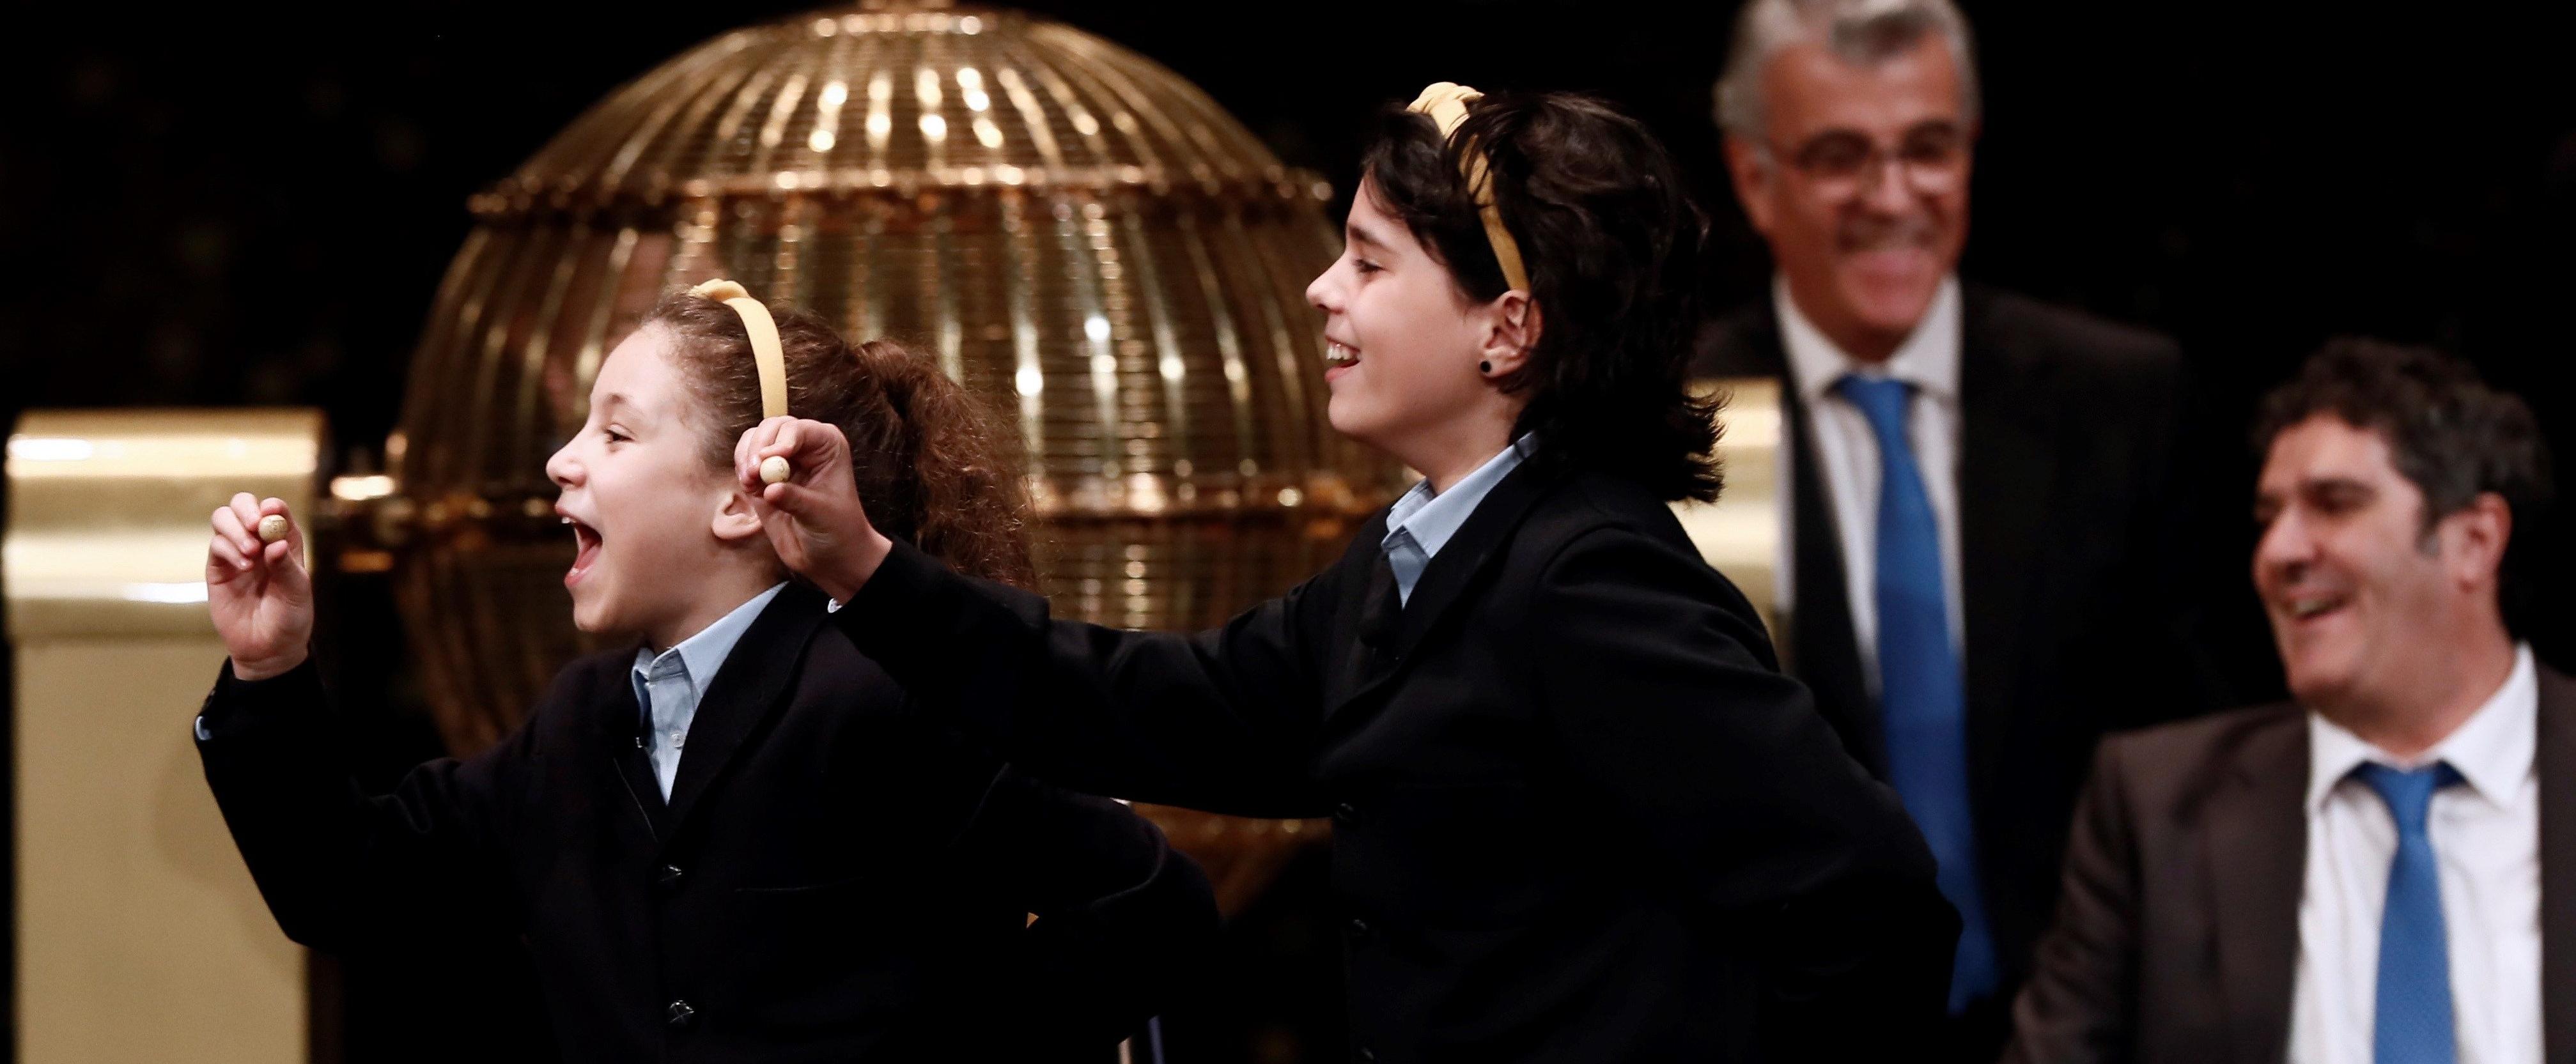 GRAF1277. MADRID, 22/12/2018.- Las niñas de San Ildefonso Aya Ben Hamdouch y Carla García Villnueva muestran el número 03.347 que ha sido agraciado con el primer premio, el Gordo, dotados con 400.000 euros al décimo, en el Sorteo de la Lotería de Navidad que se celebra hoy en el Teatro Real de Madrid. EFE/Mariscal